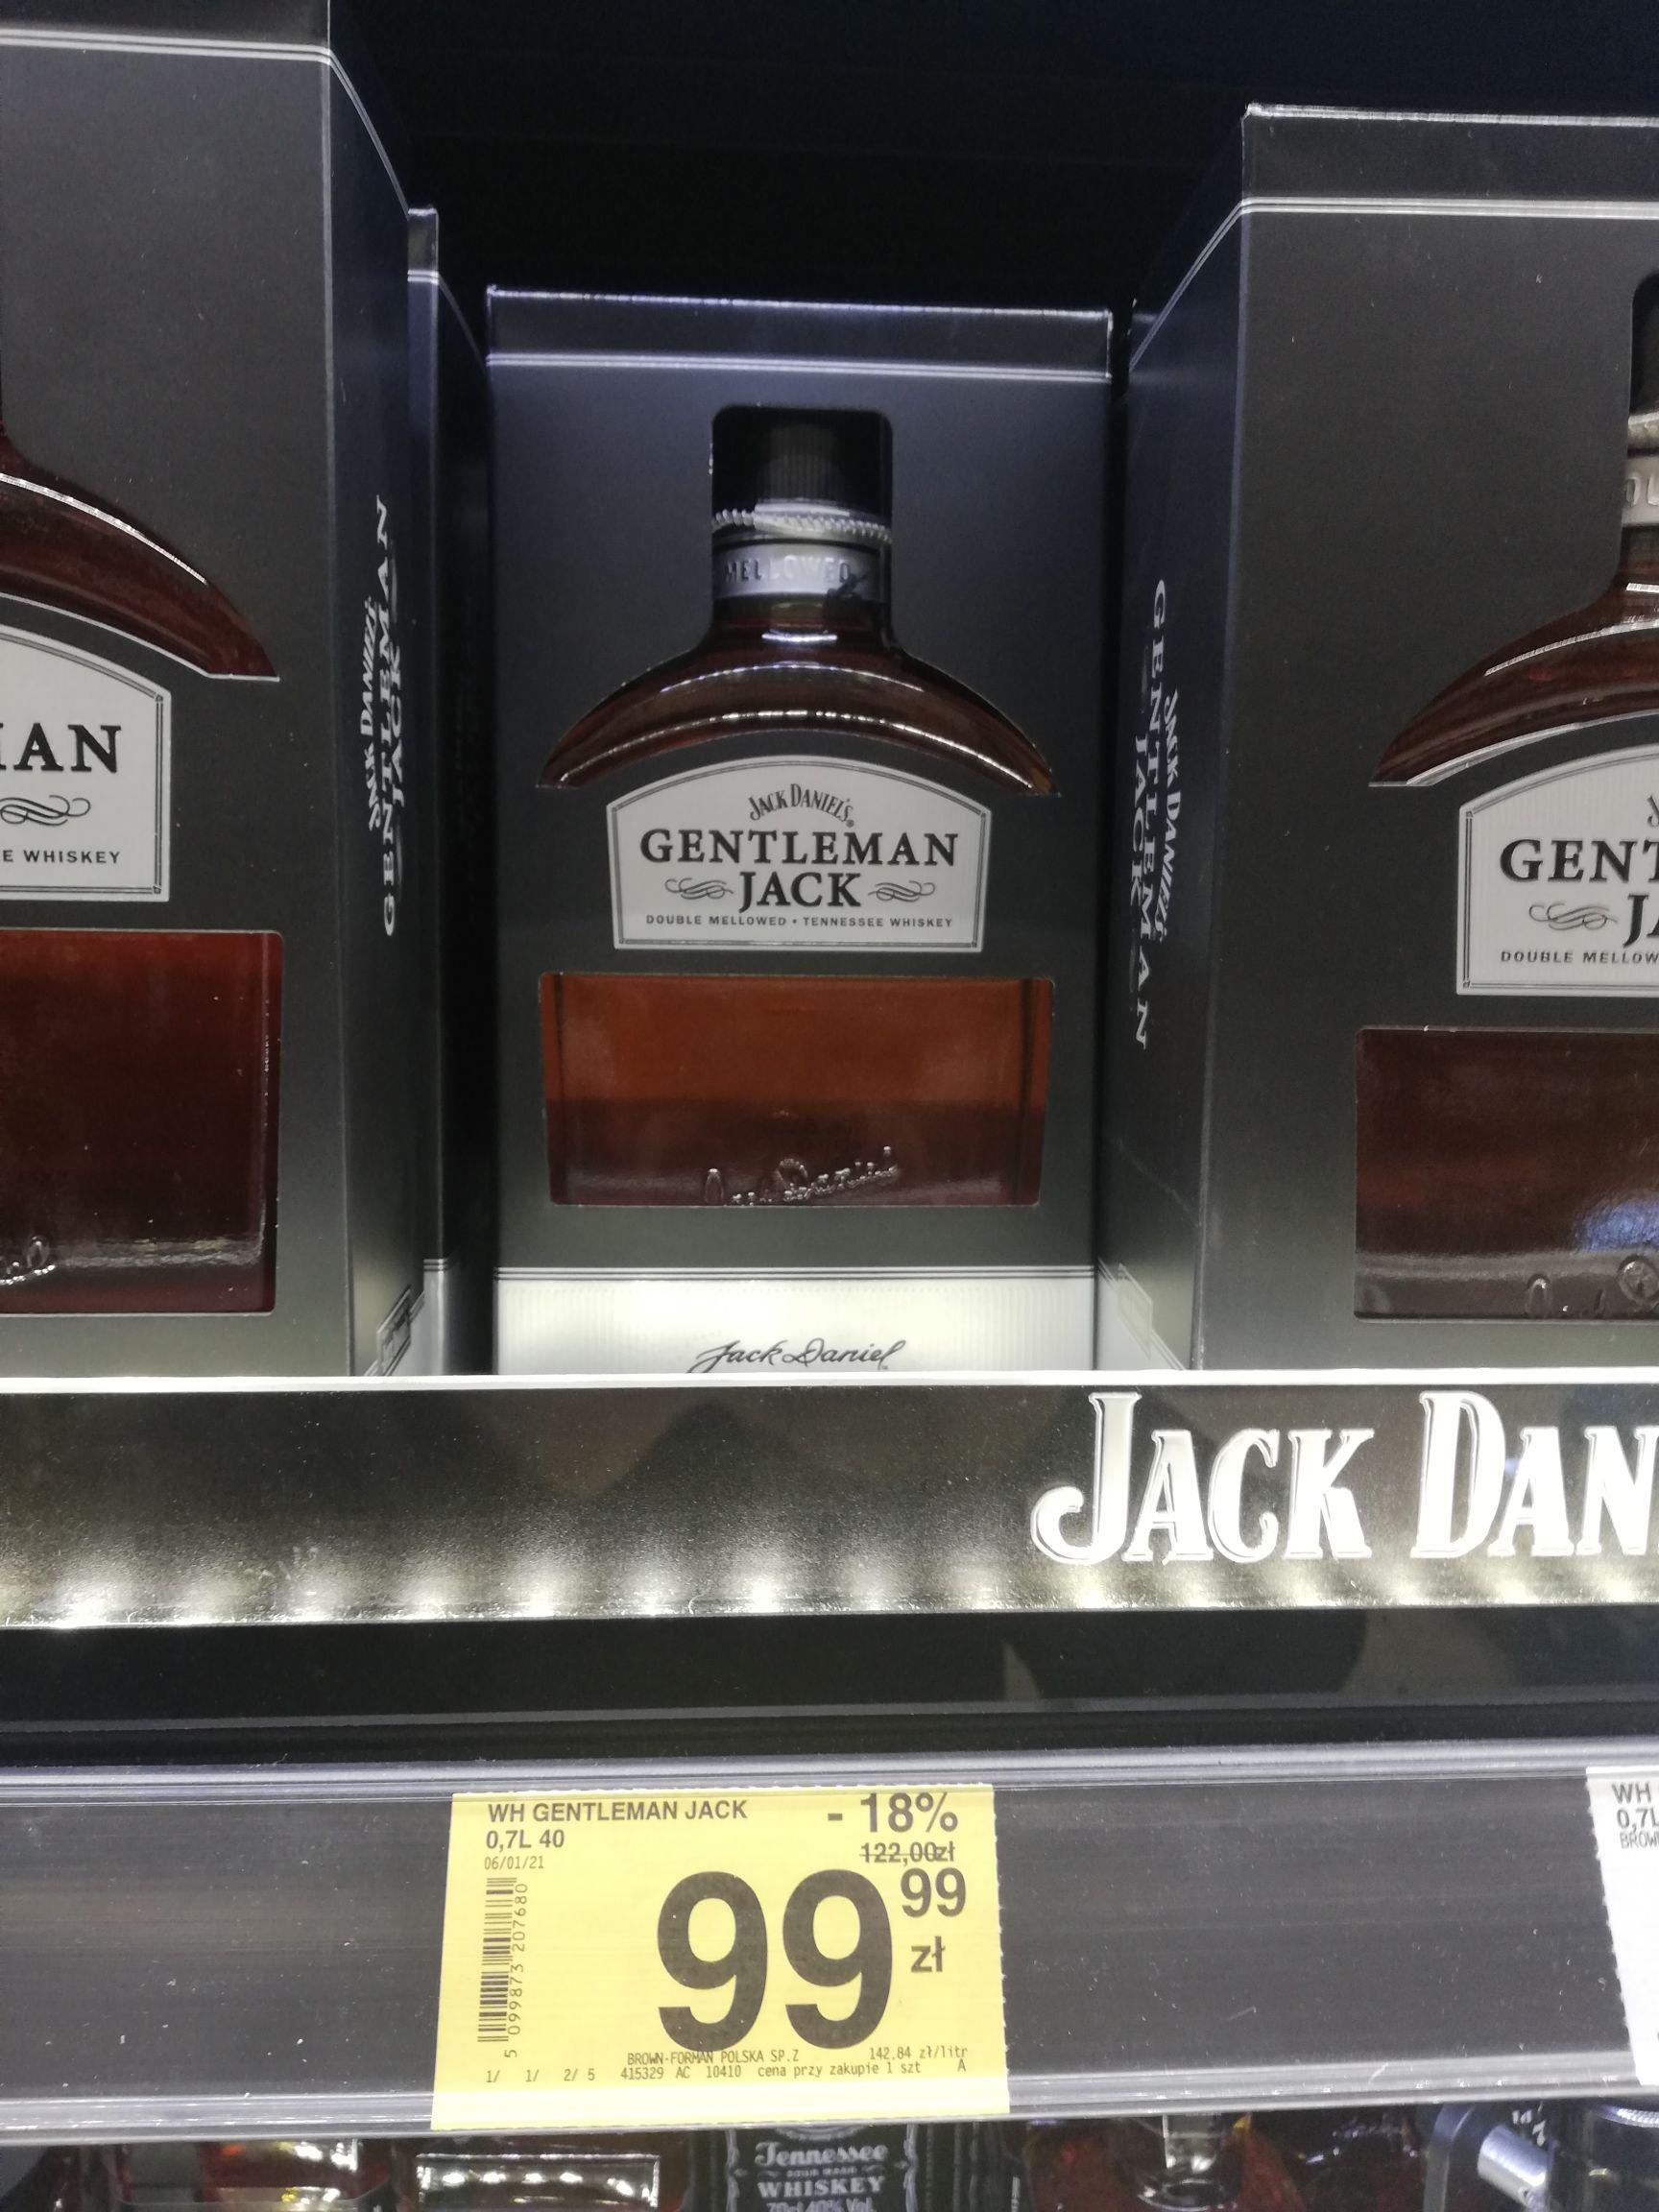 Jack daniels Gentleman Jack 0,7